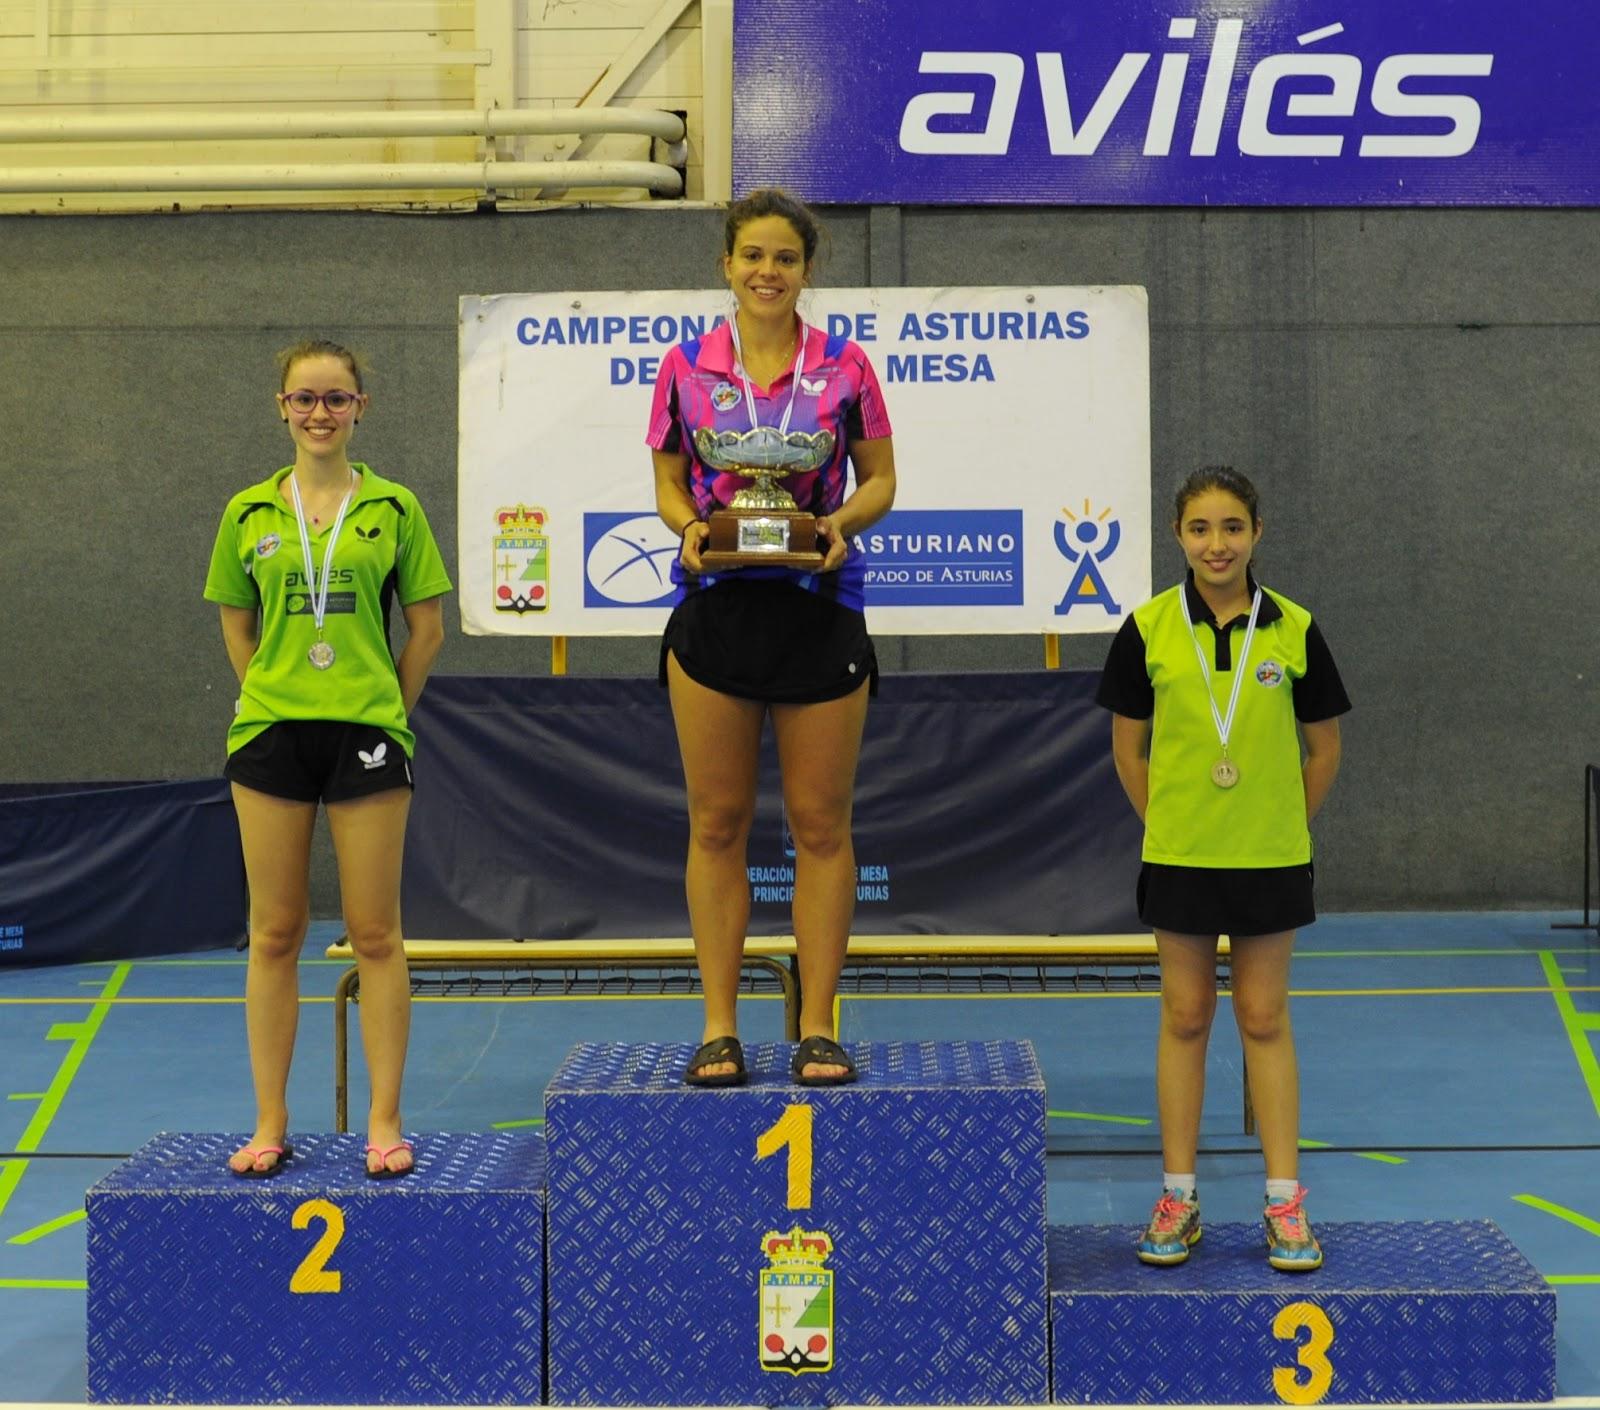 Federaci n de tenis de mesa del principado de asturias campeonato de asturias absoluto - Aviles tenis de mesa ...